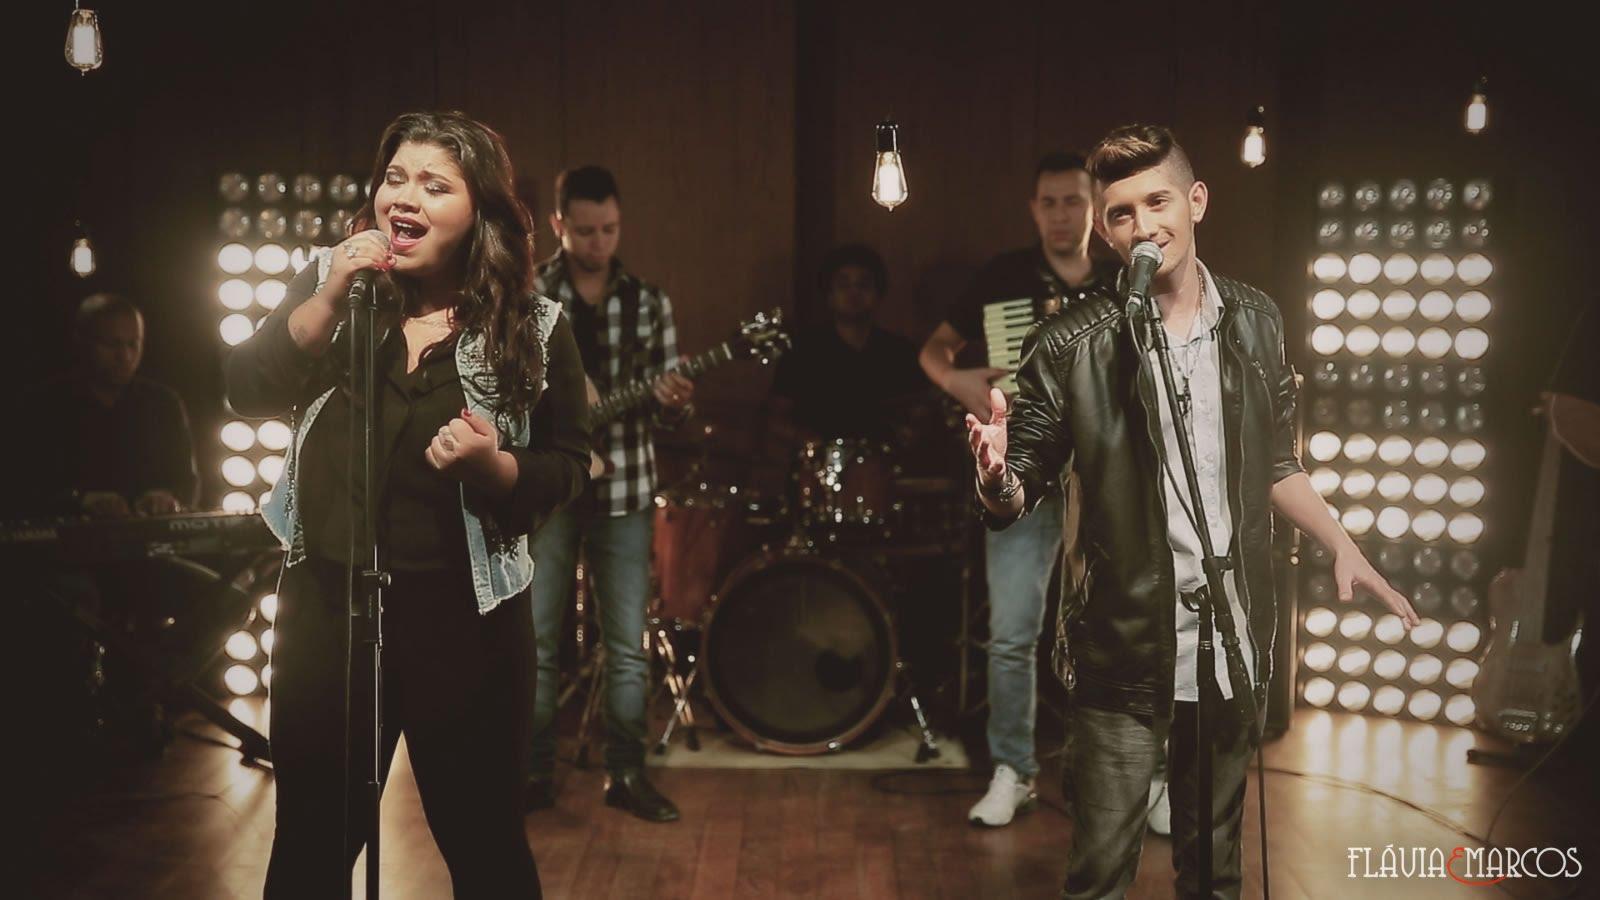 Flávia e Marcos lançam novo single para o próximo mês 41